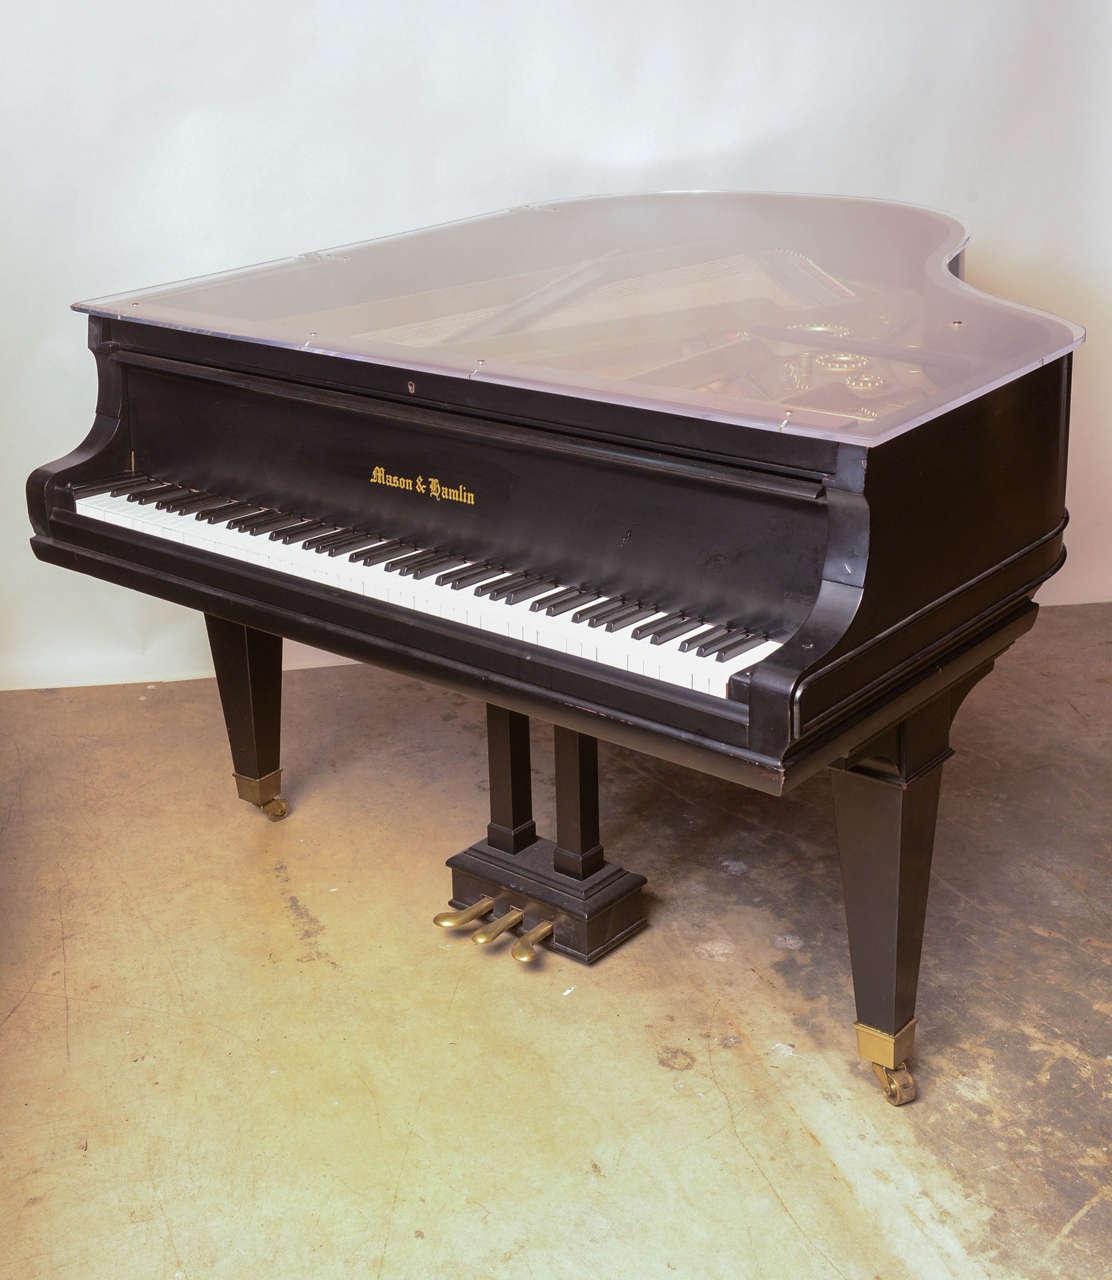 Mason & Hamlin Grand Piano with Lucite Top 2